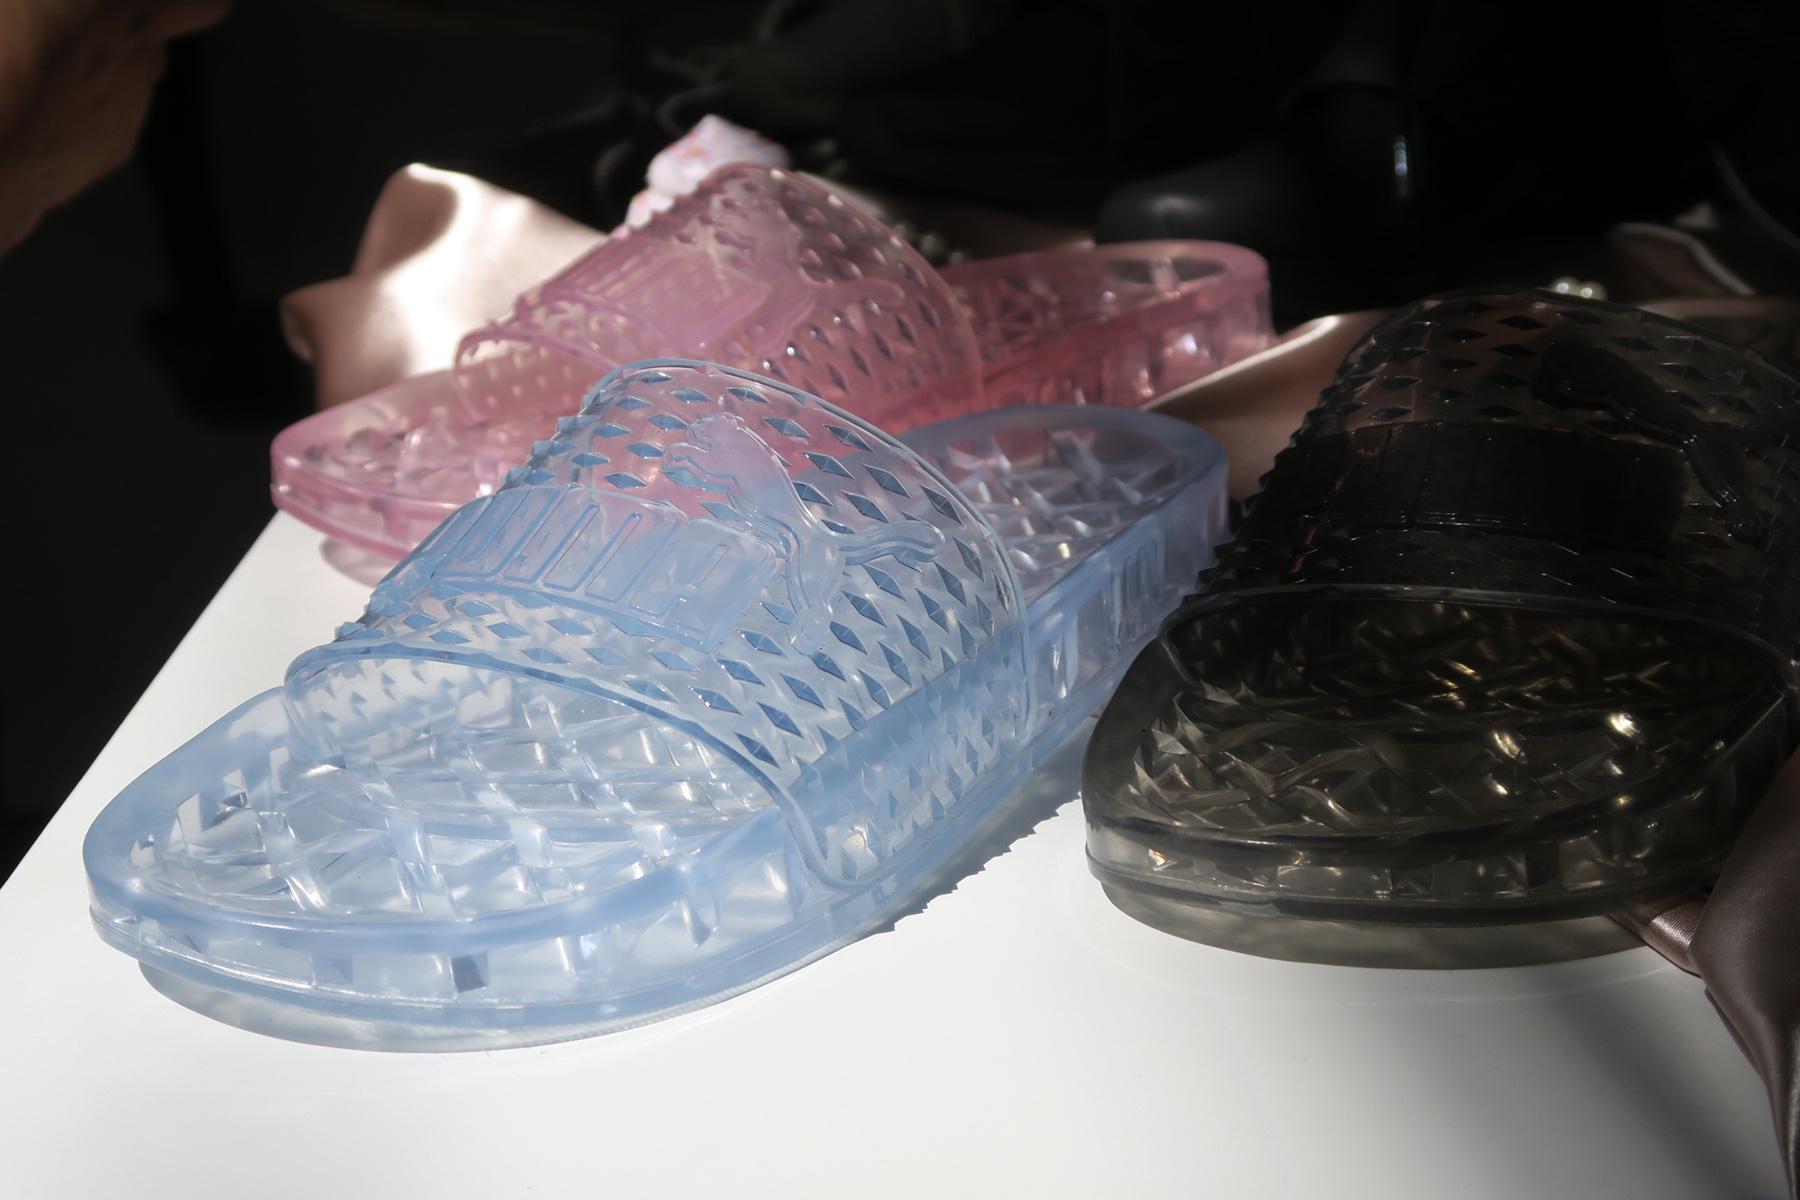 rihanna-fenty-puma-jelly-slides-4